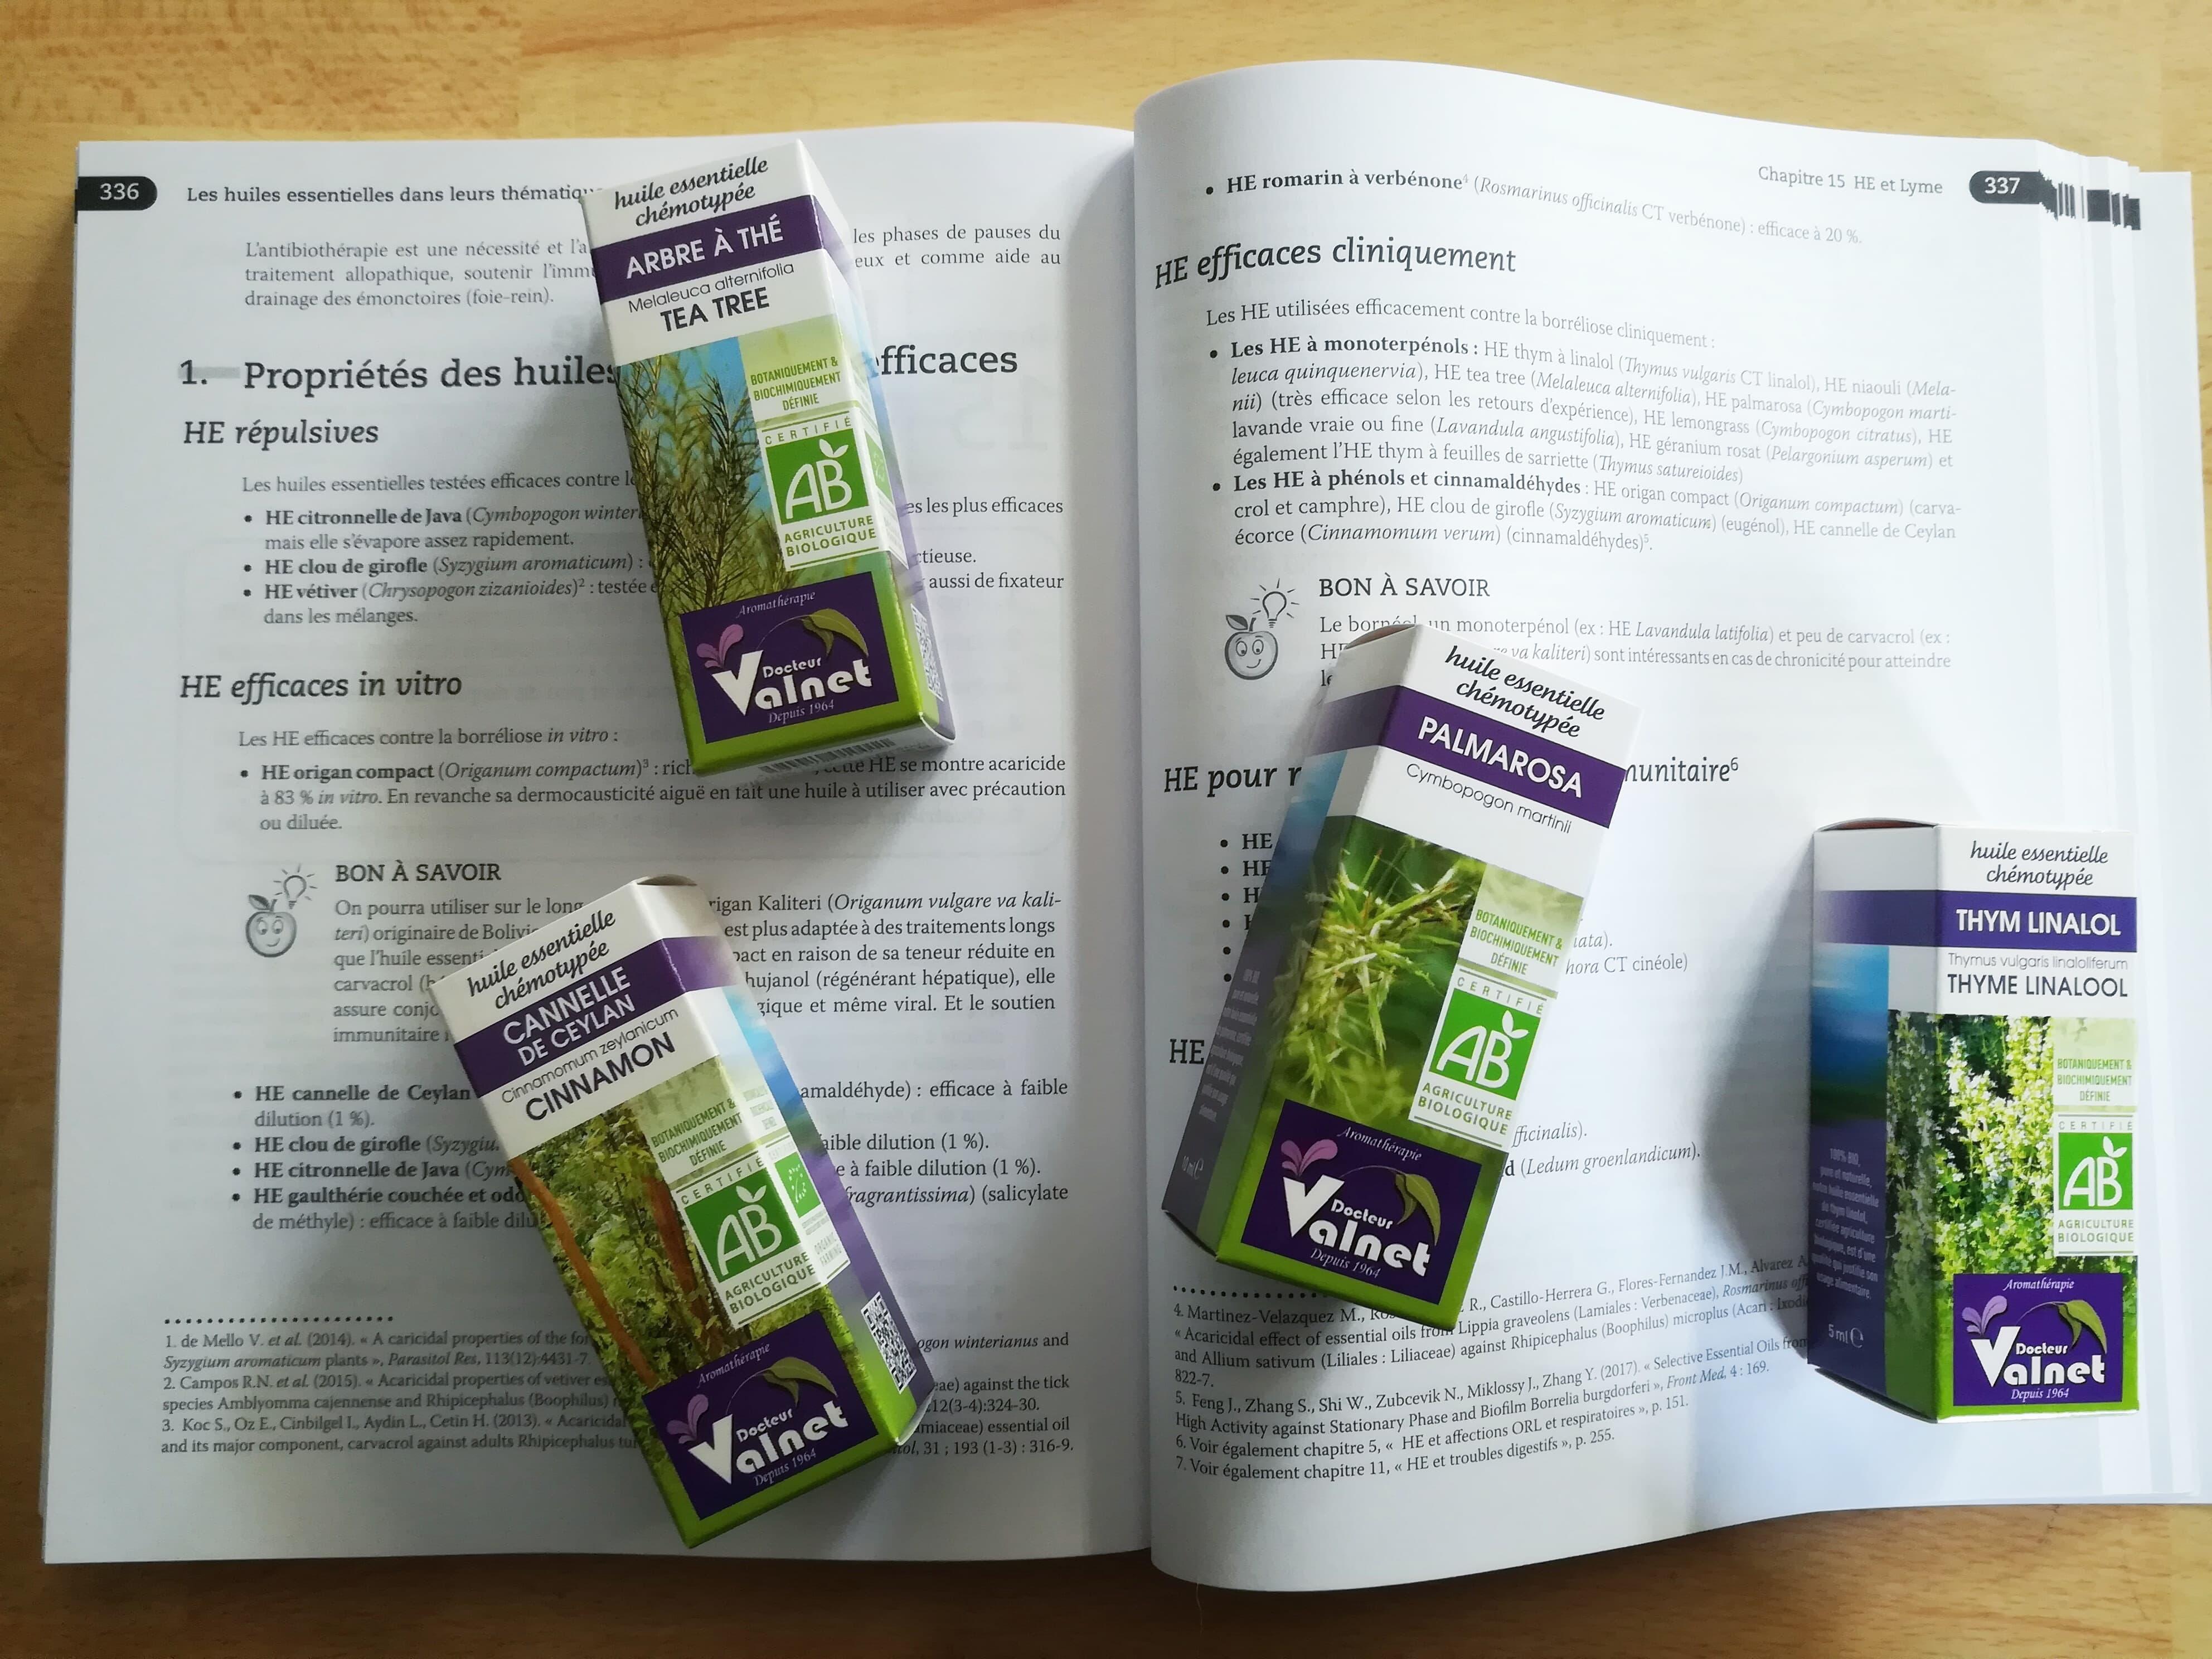 GC - aromatherapie pour les soigants - editions dunod (6)